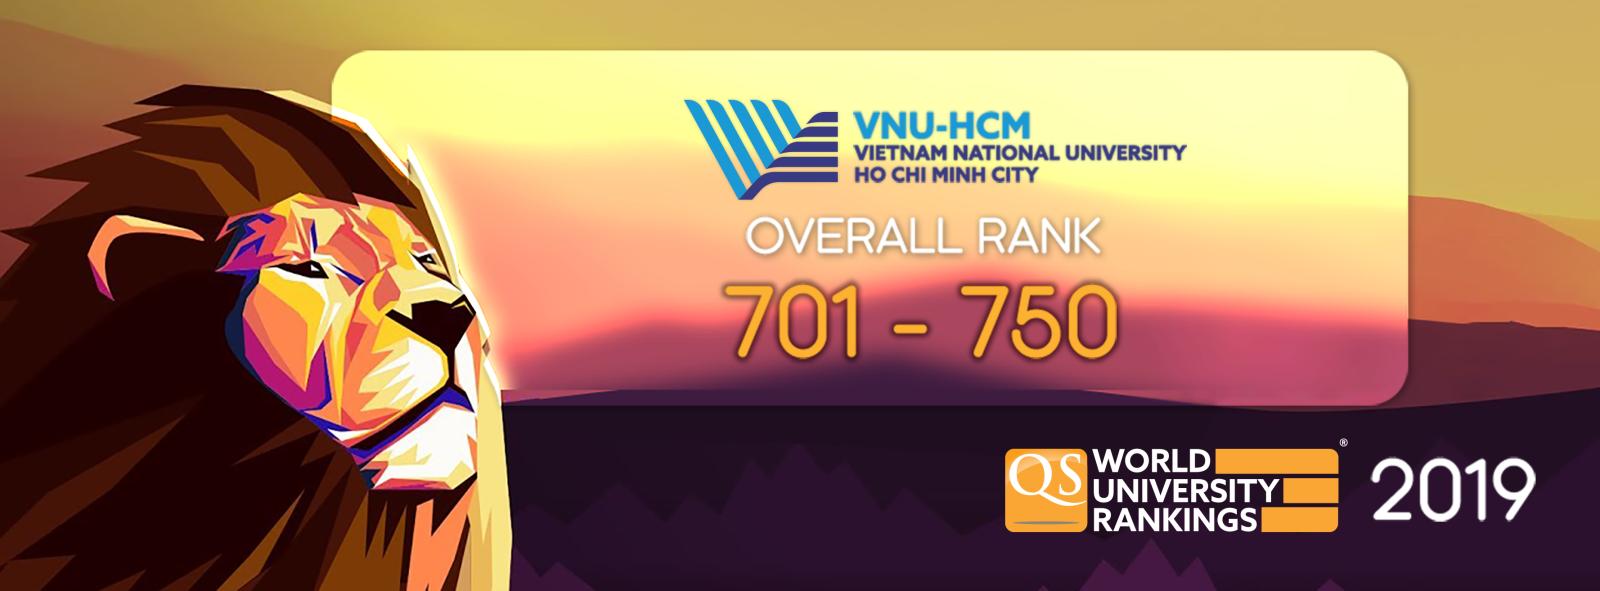 QS World University Rankings 2019 - Lần Đầu 2 Trường Đại Học Việt Nam Lọt Top 1000 Trường Đại Học Trên TG